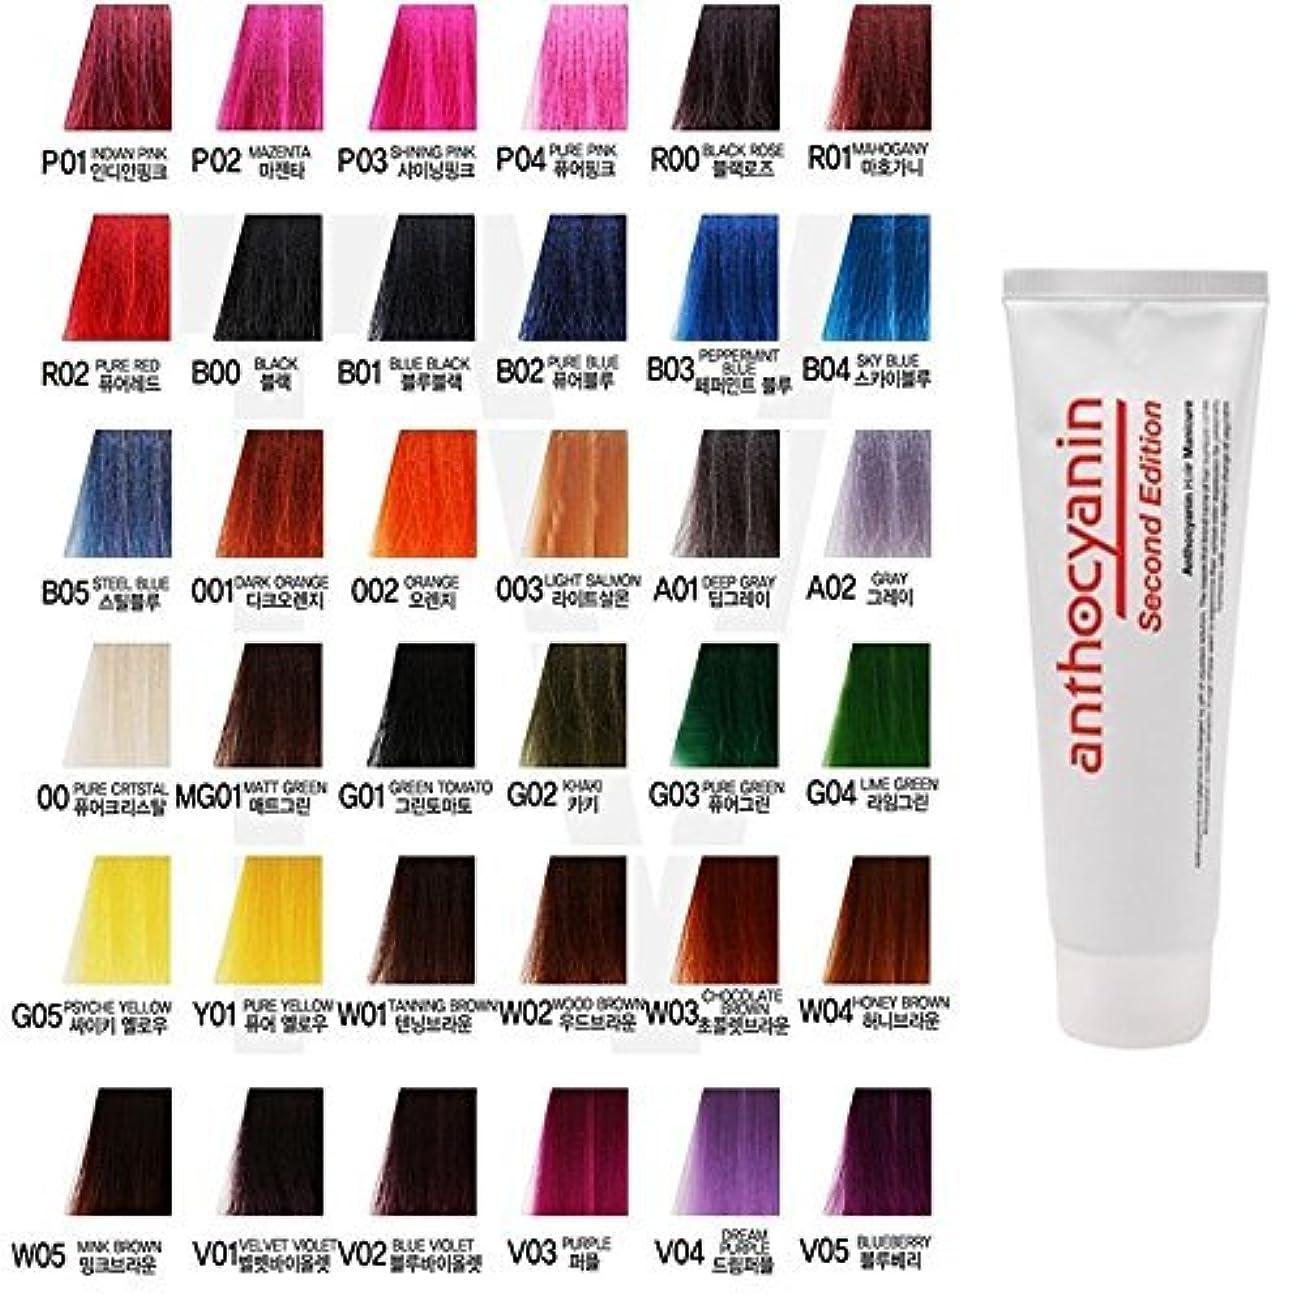 温度計悲惨邪魔ヘア マニキュア カラー セカンド エディション 230g セミ パーマネント 染毛剤 ( Hair Manicure Color Second Edition 230g Semi Permanent Hair Dye) [並行輸入品] (O02 Orange)